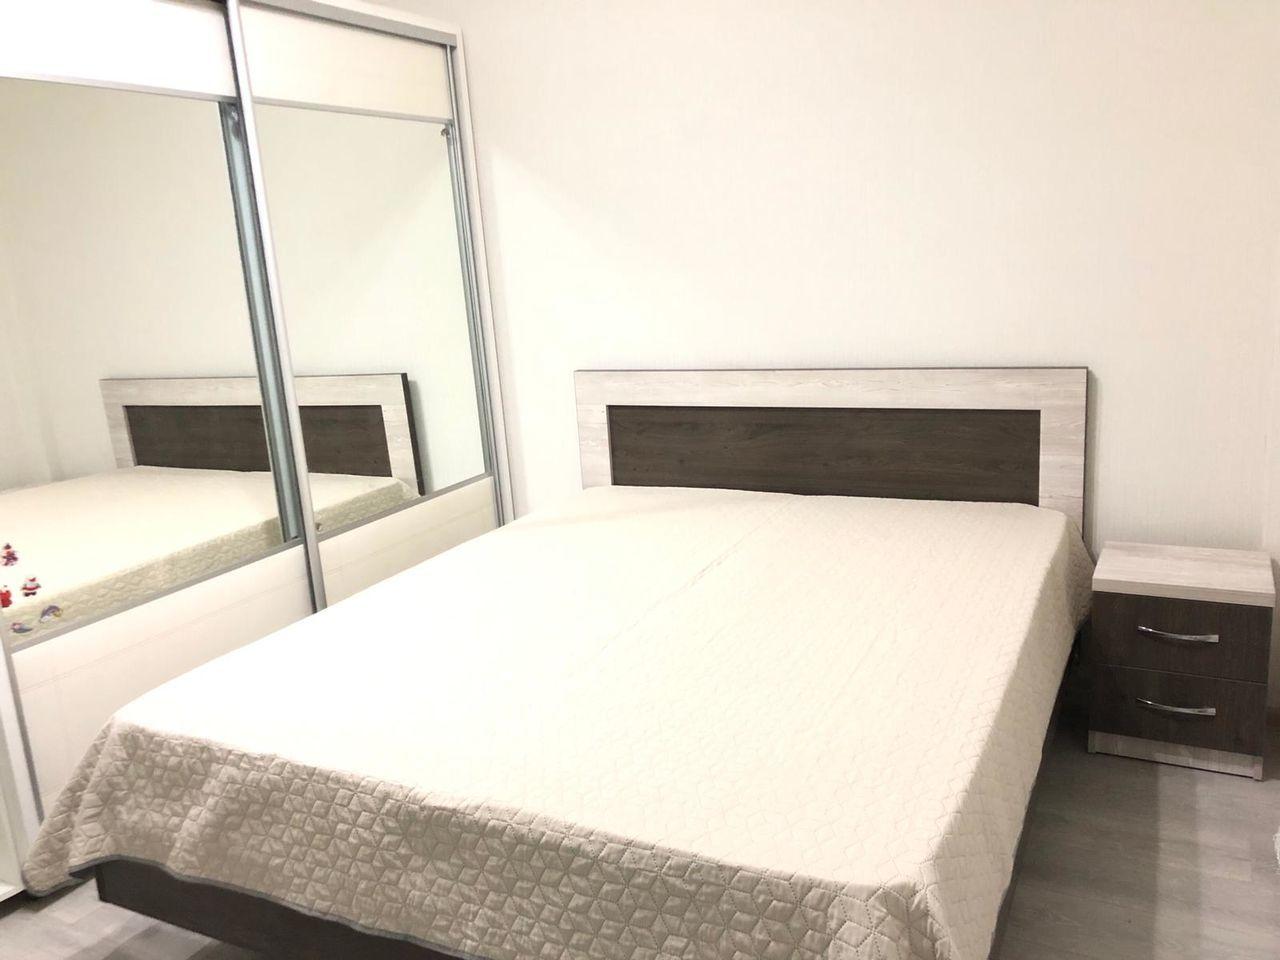 Chirie apartament cu 2 camere într-un bloc nou